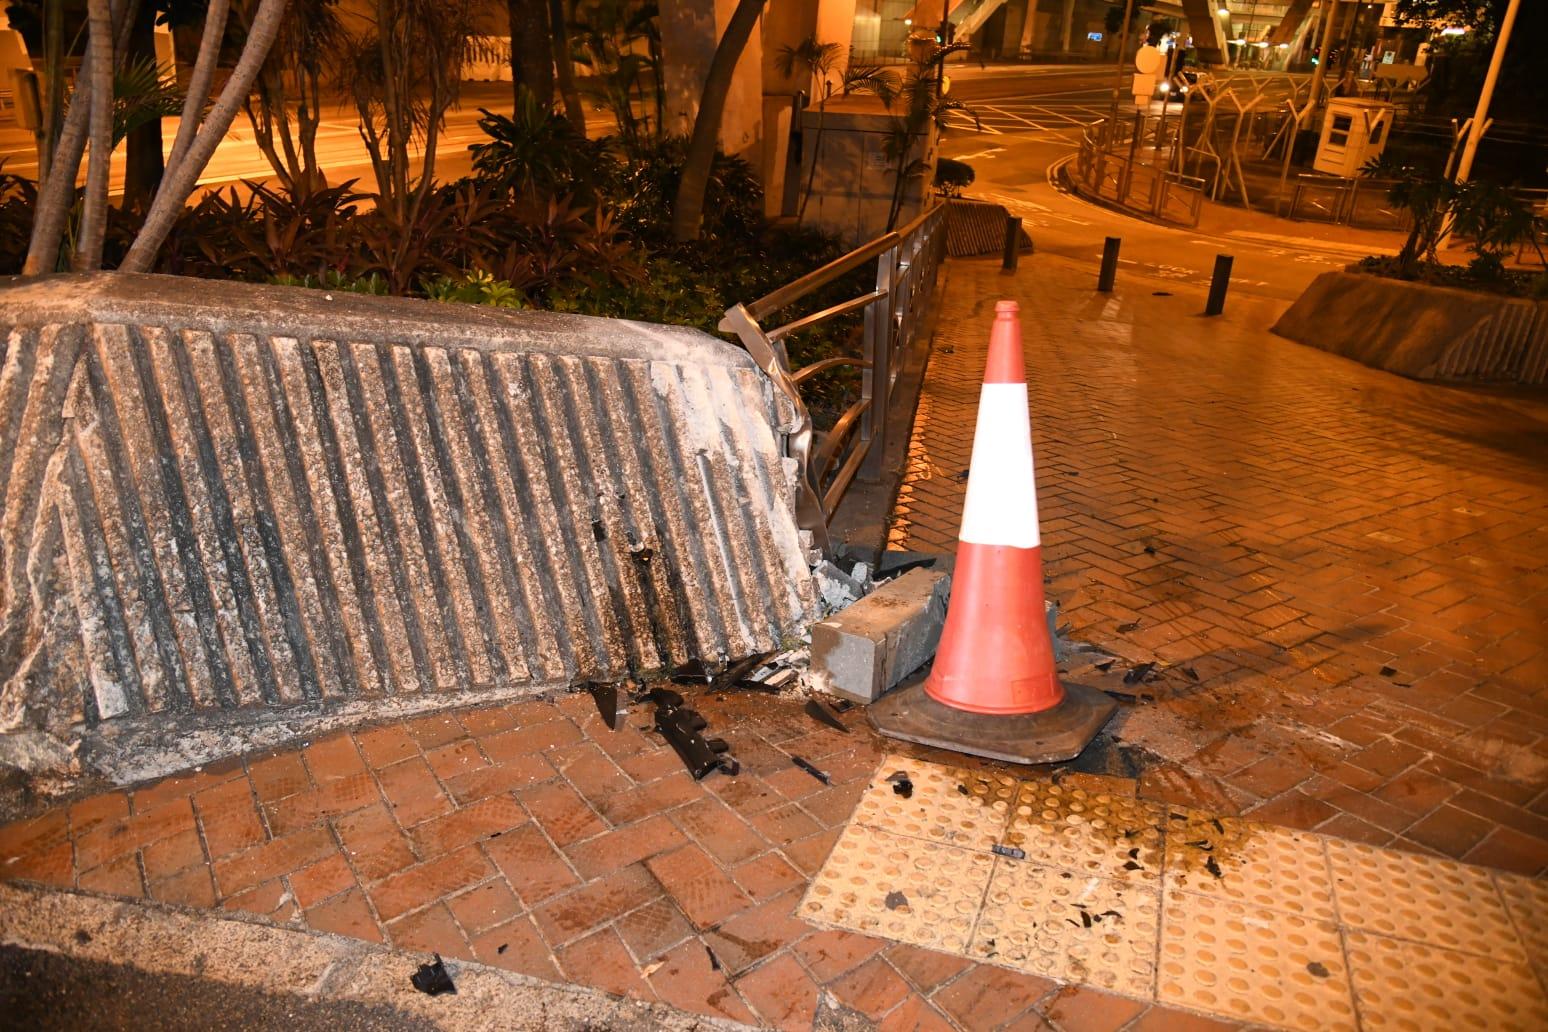 私家车金钟落斜扫栏撞石壆 25岁男司机涉酒驾